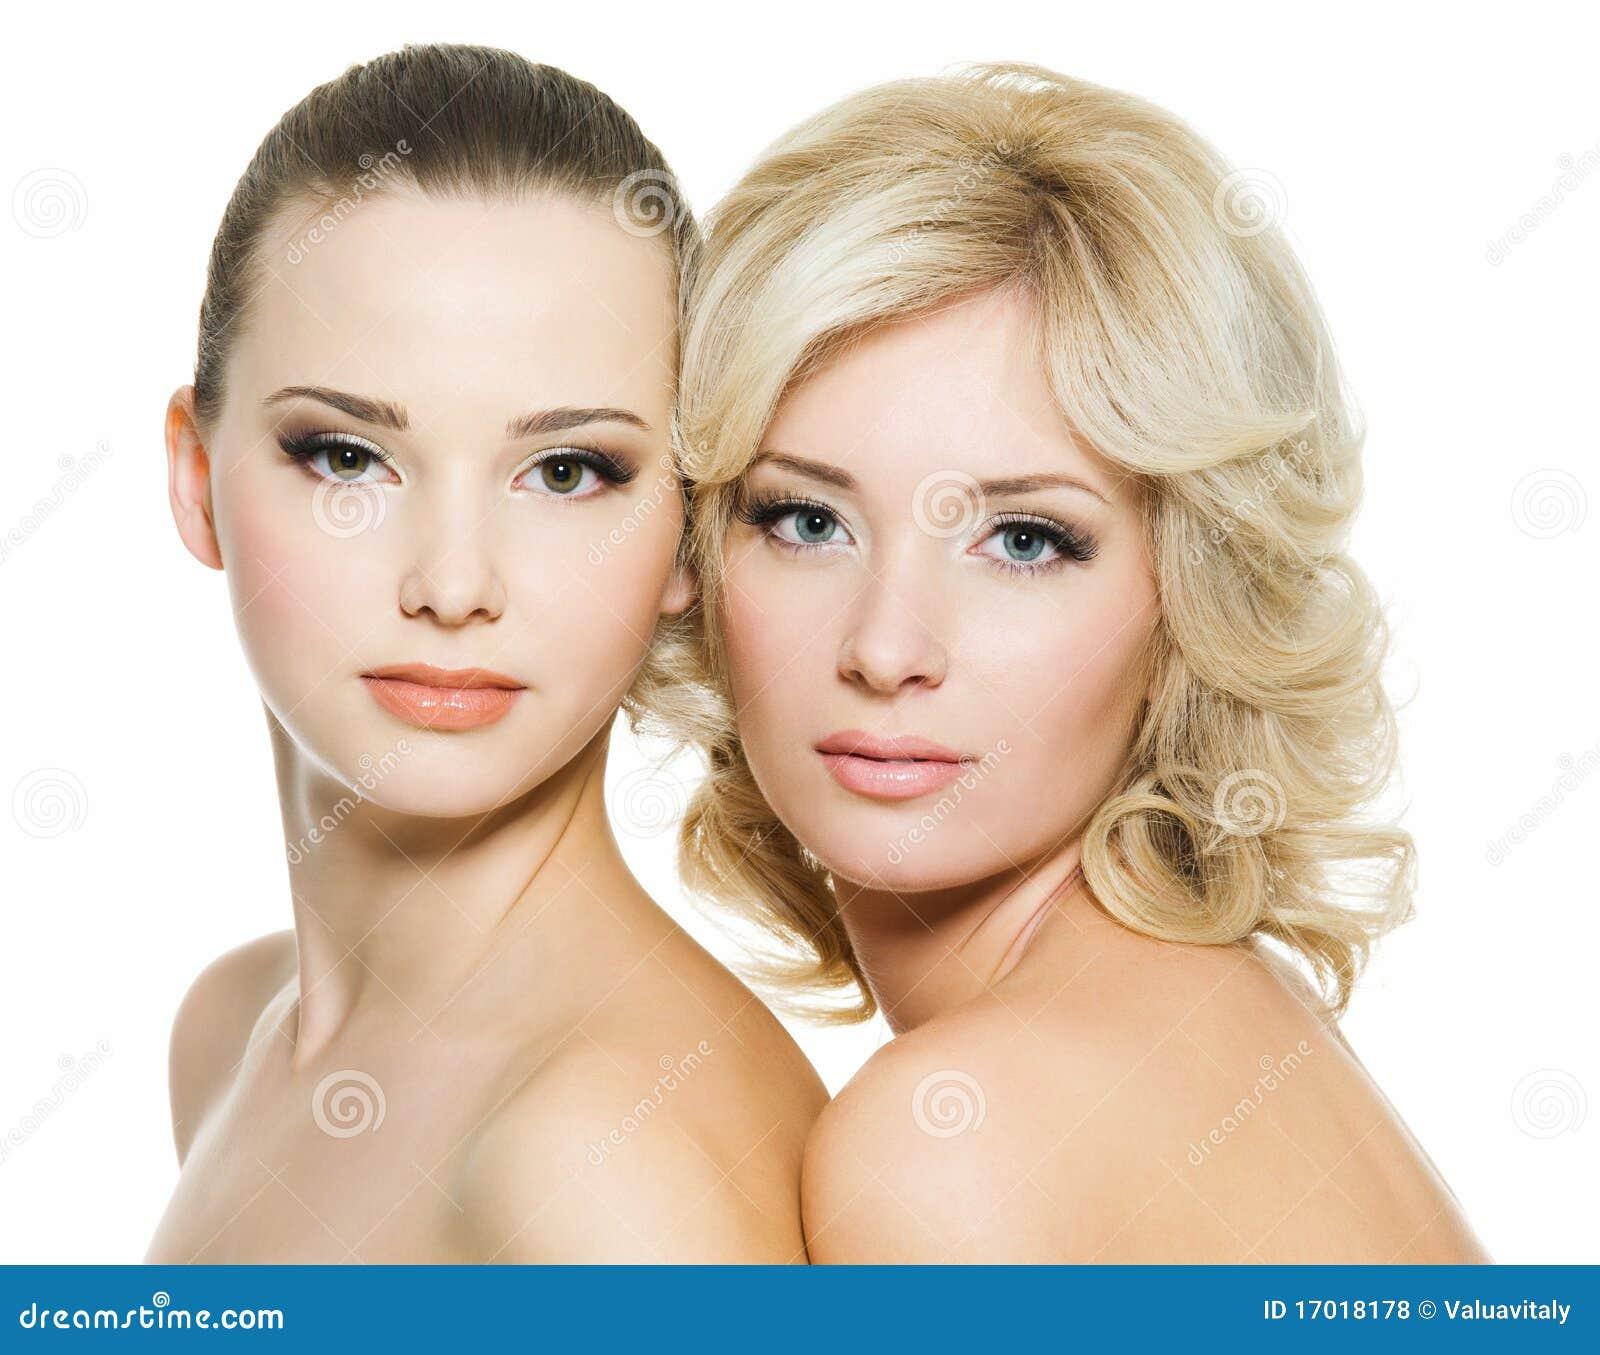 petite volwassen vrouwen gezicht zitten